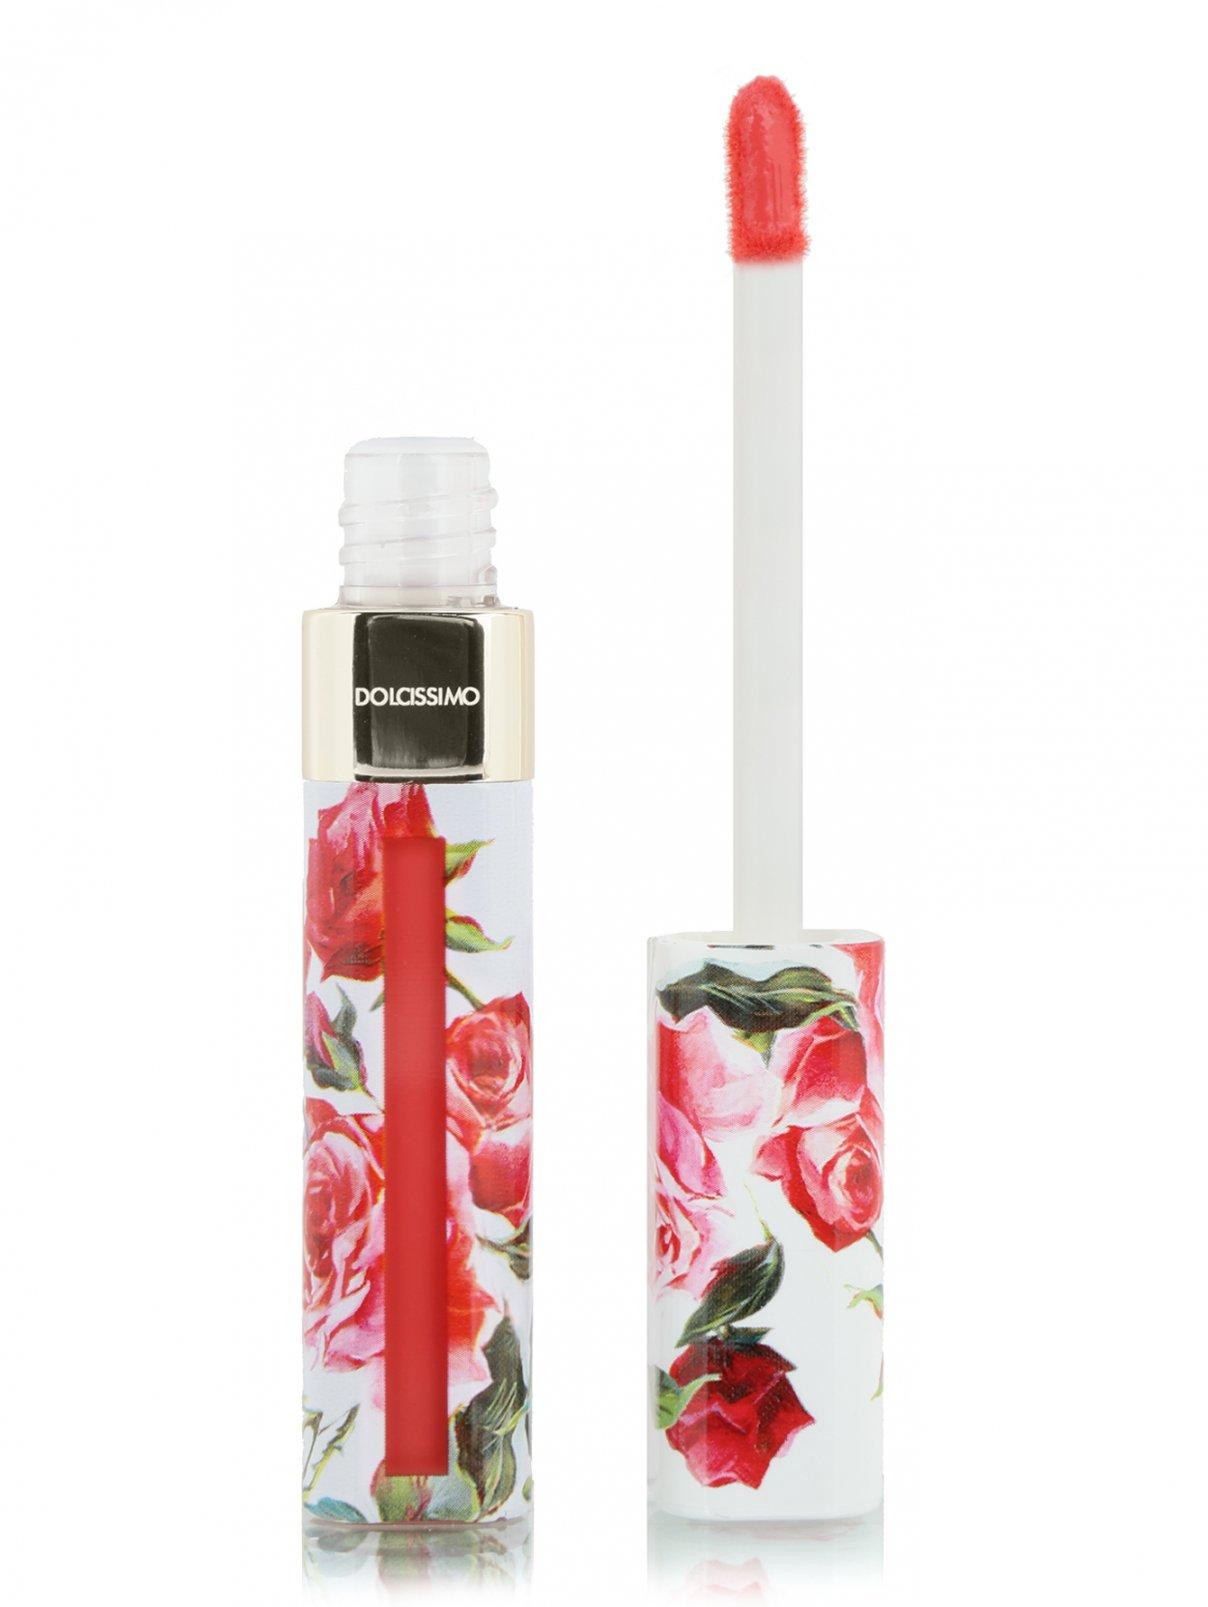 Матовый лак для губ DOLCISSIMO, 7 ORANGE, 5 мл Dolce & Gabbana  –  Общий вид